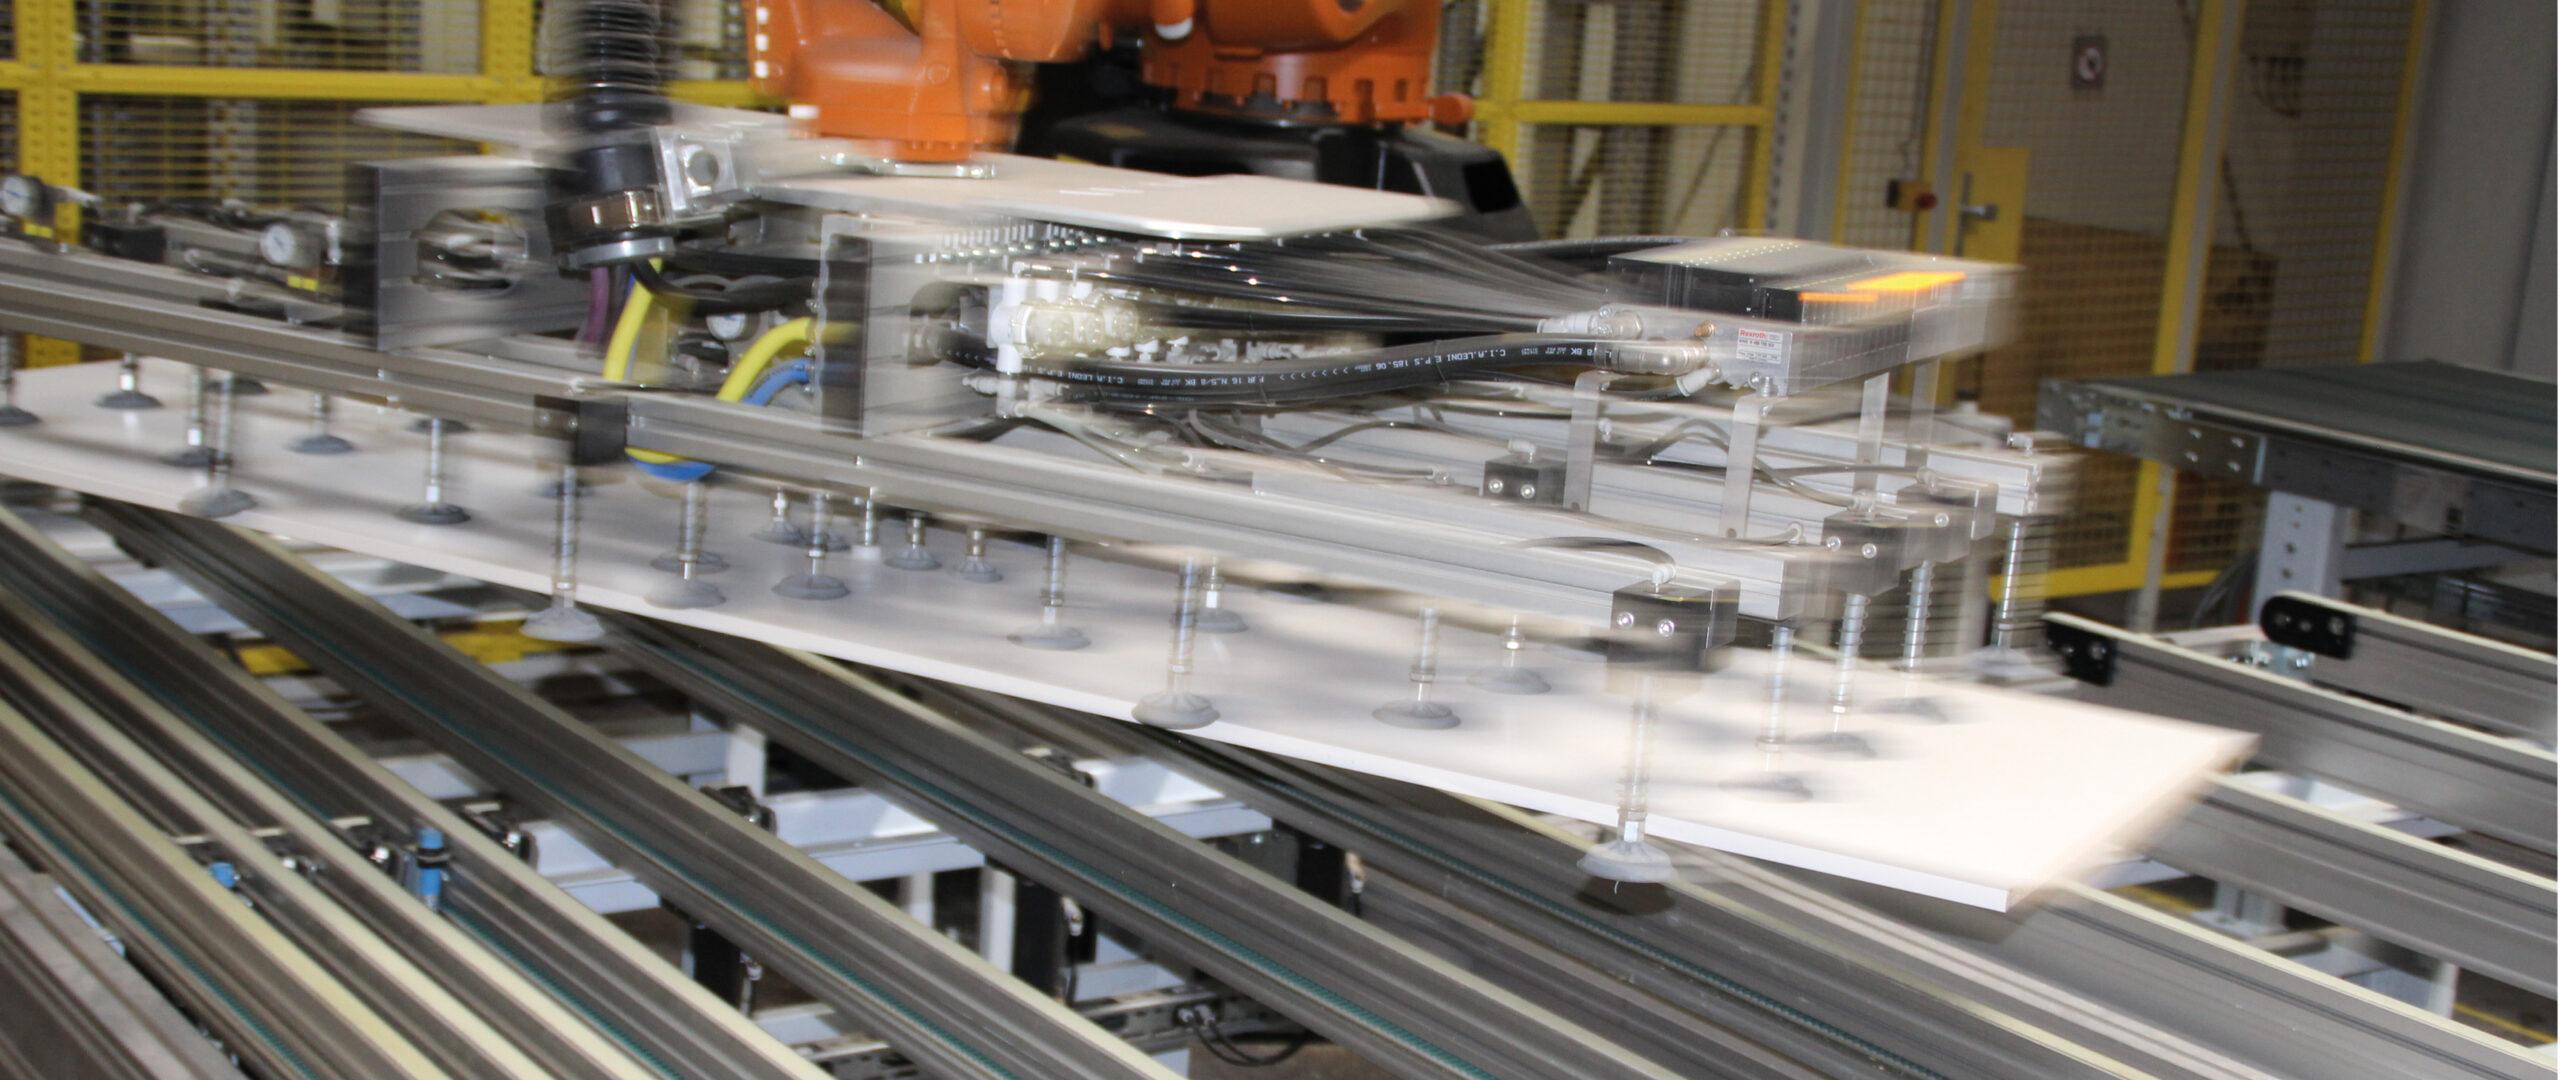 Full Size of 40 Prozent Mehr Leistung Bei Nolte Produktionsengpbeseitigt Küche Betten Velux Fenster Ersatzteile Schlafzimmer Küchen Regal Wohnzimmer Nolte Küchen Ersatzteile